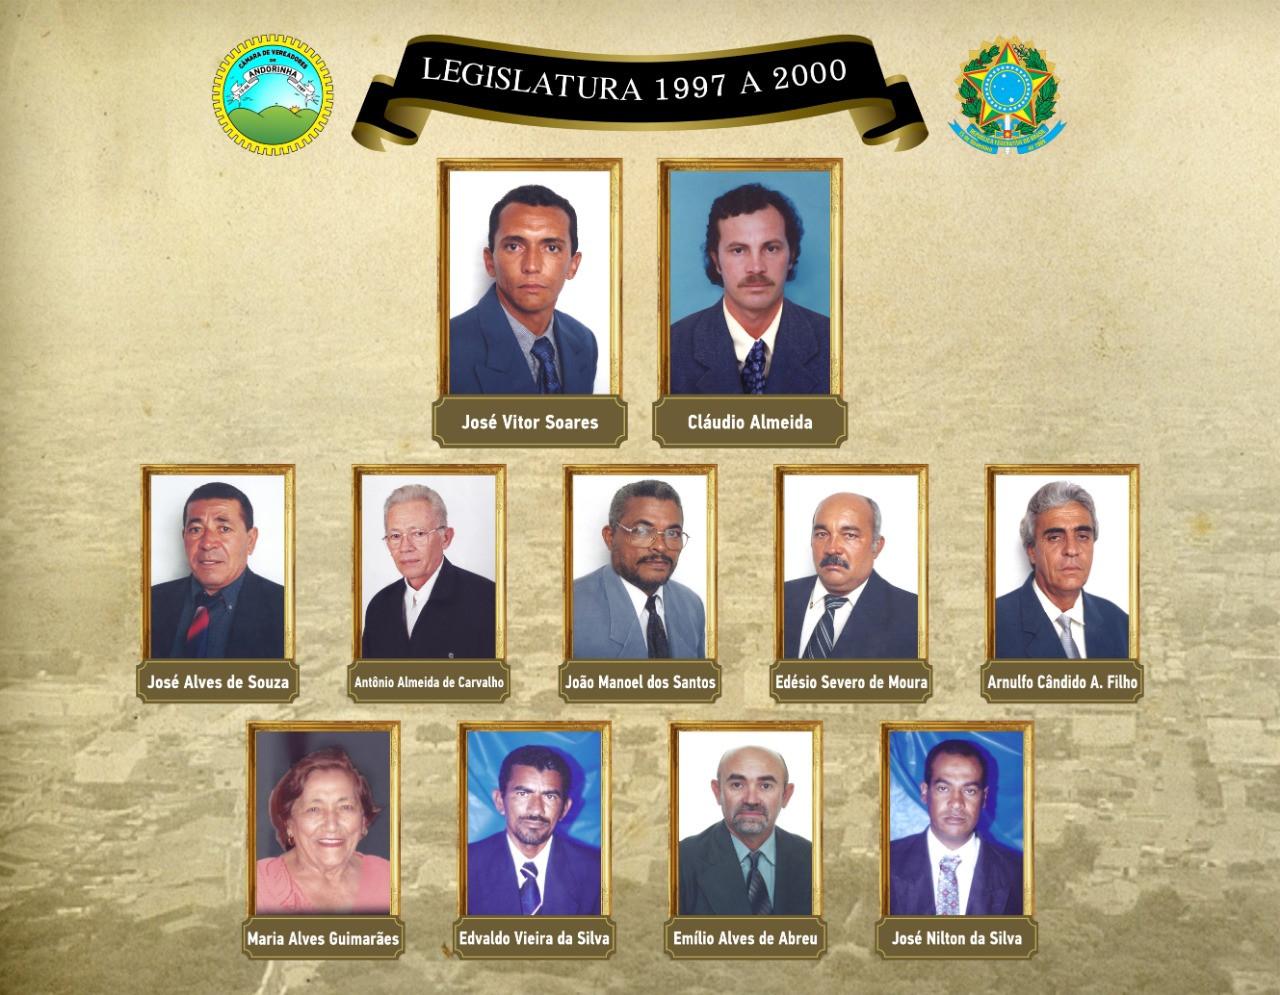 Legislatura 1997 A 2000